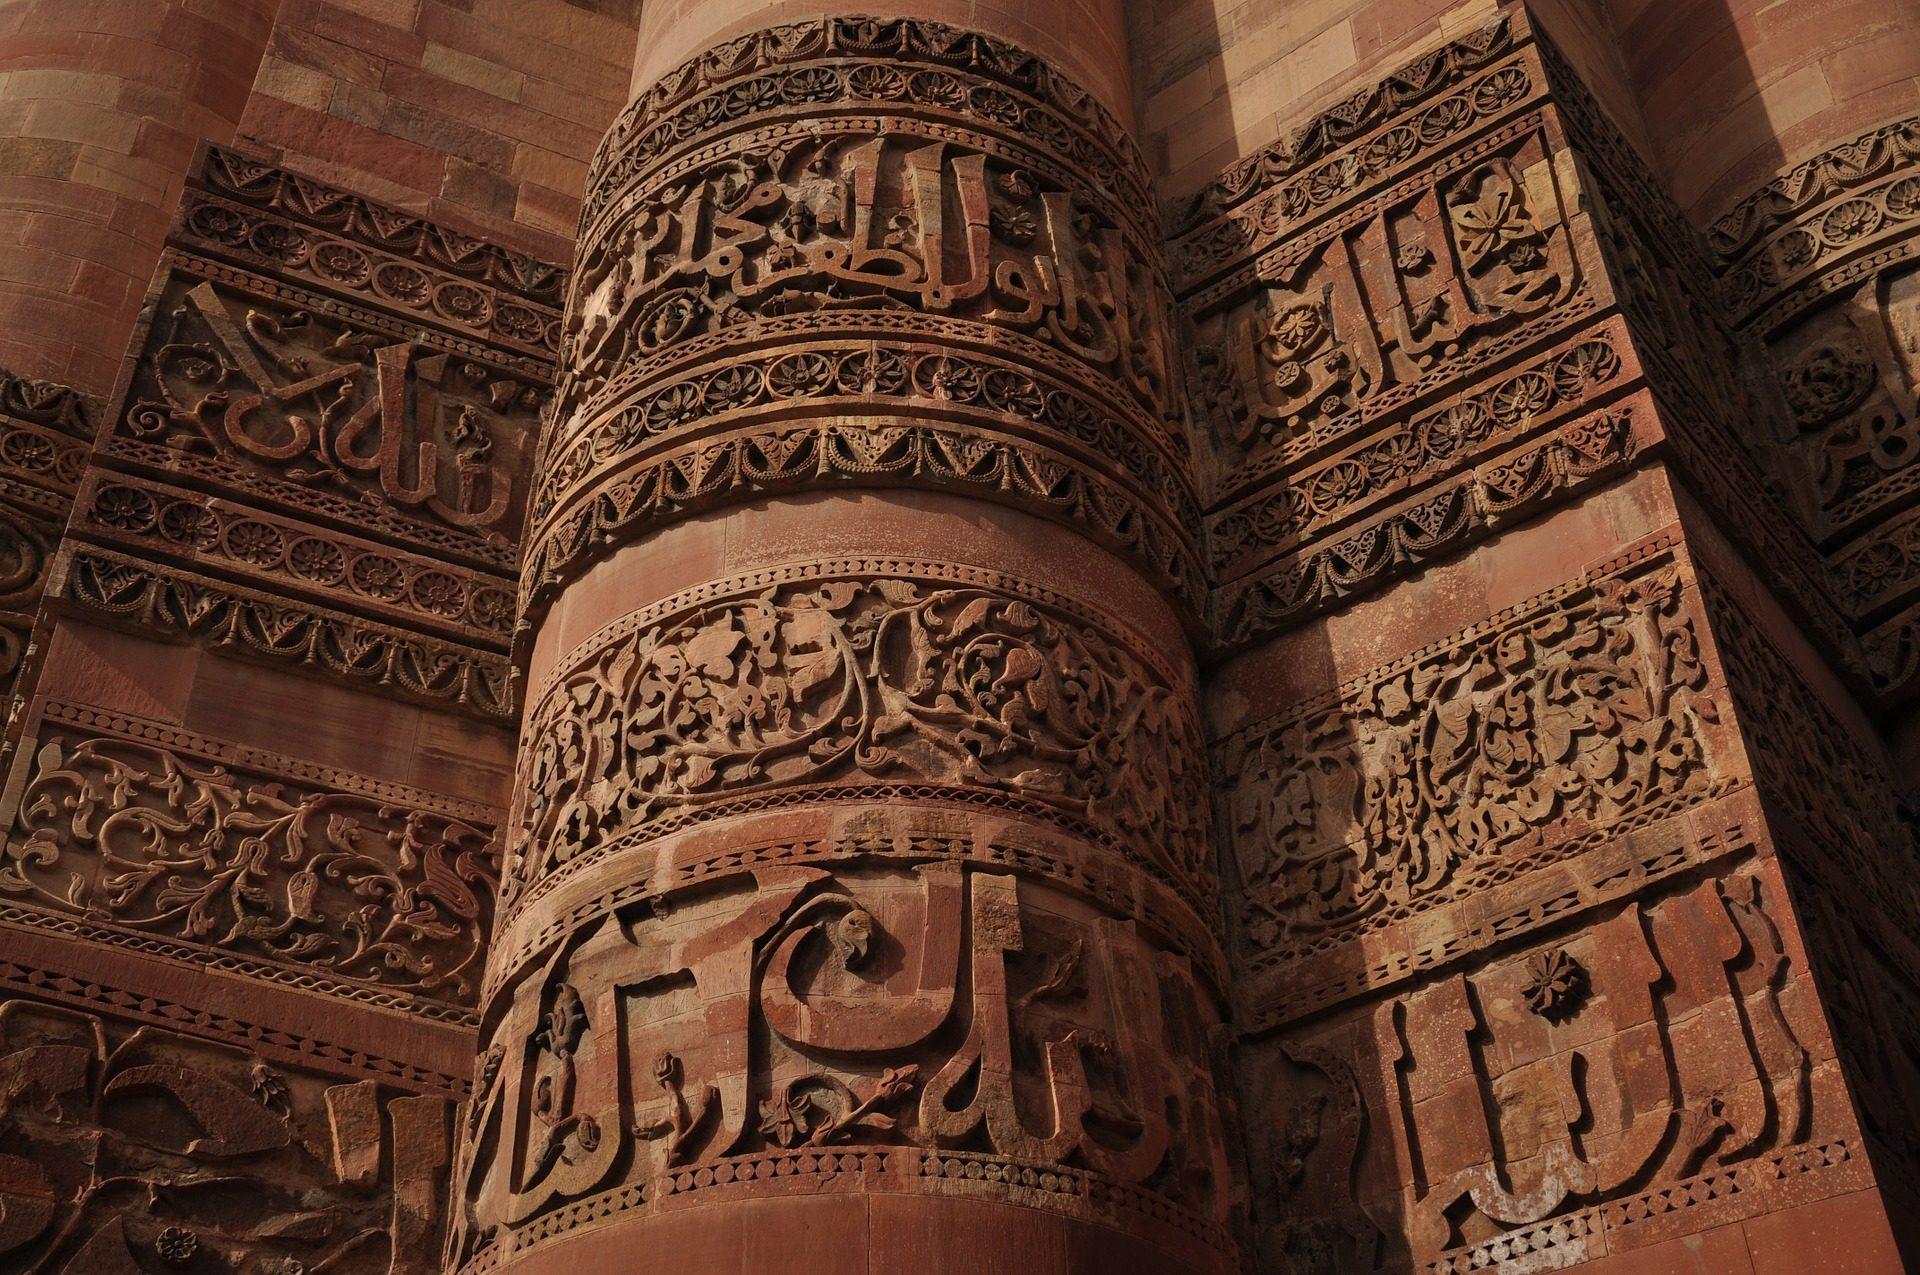 Größen, pared, Wand, Tempel, Inschriften, Vorfahren, alt - Wallpaper HD - Prof.-falken.com